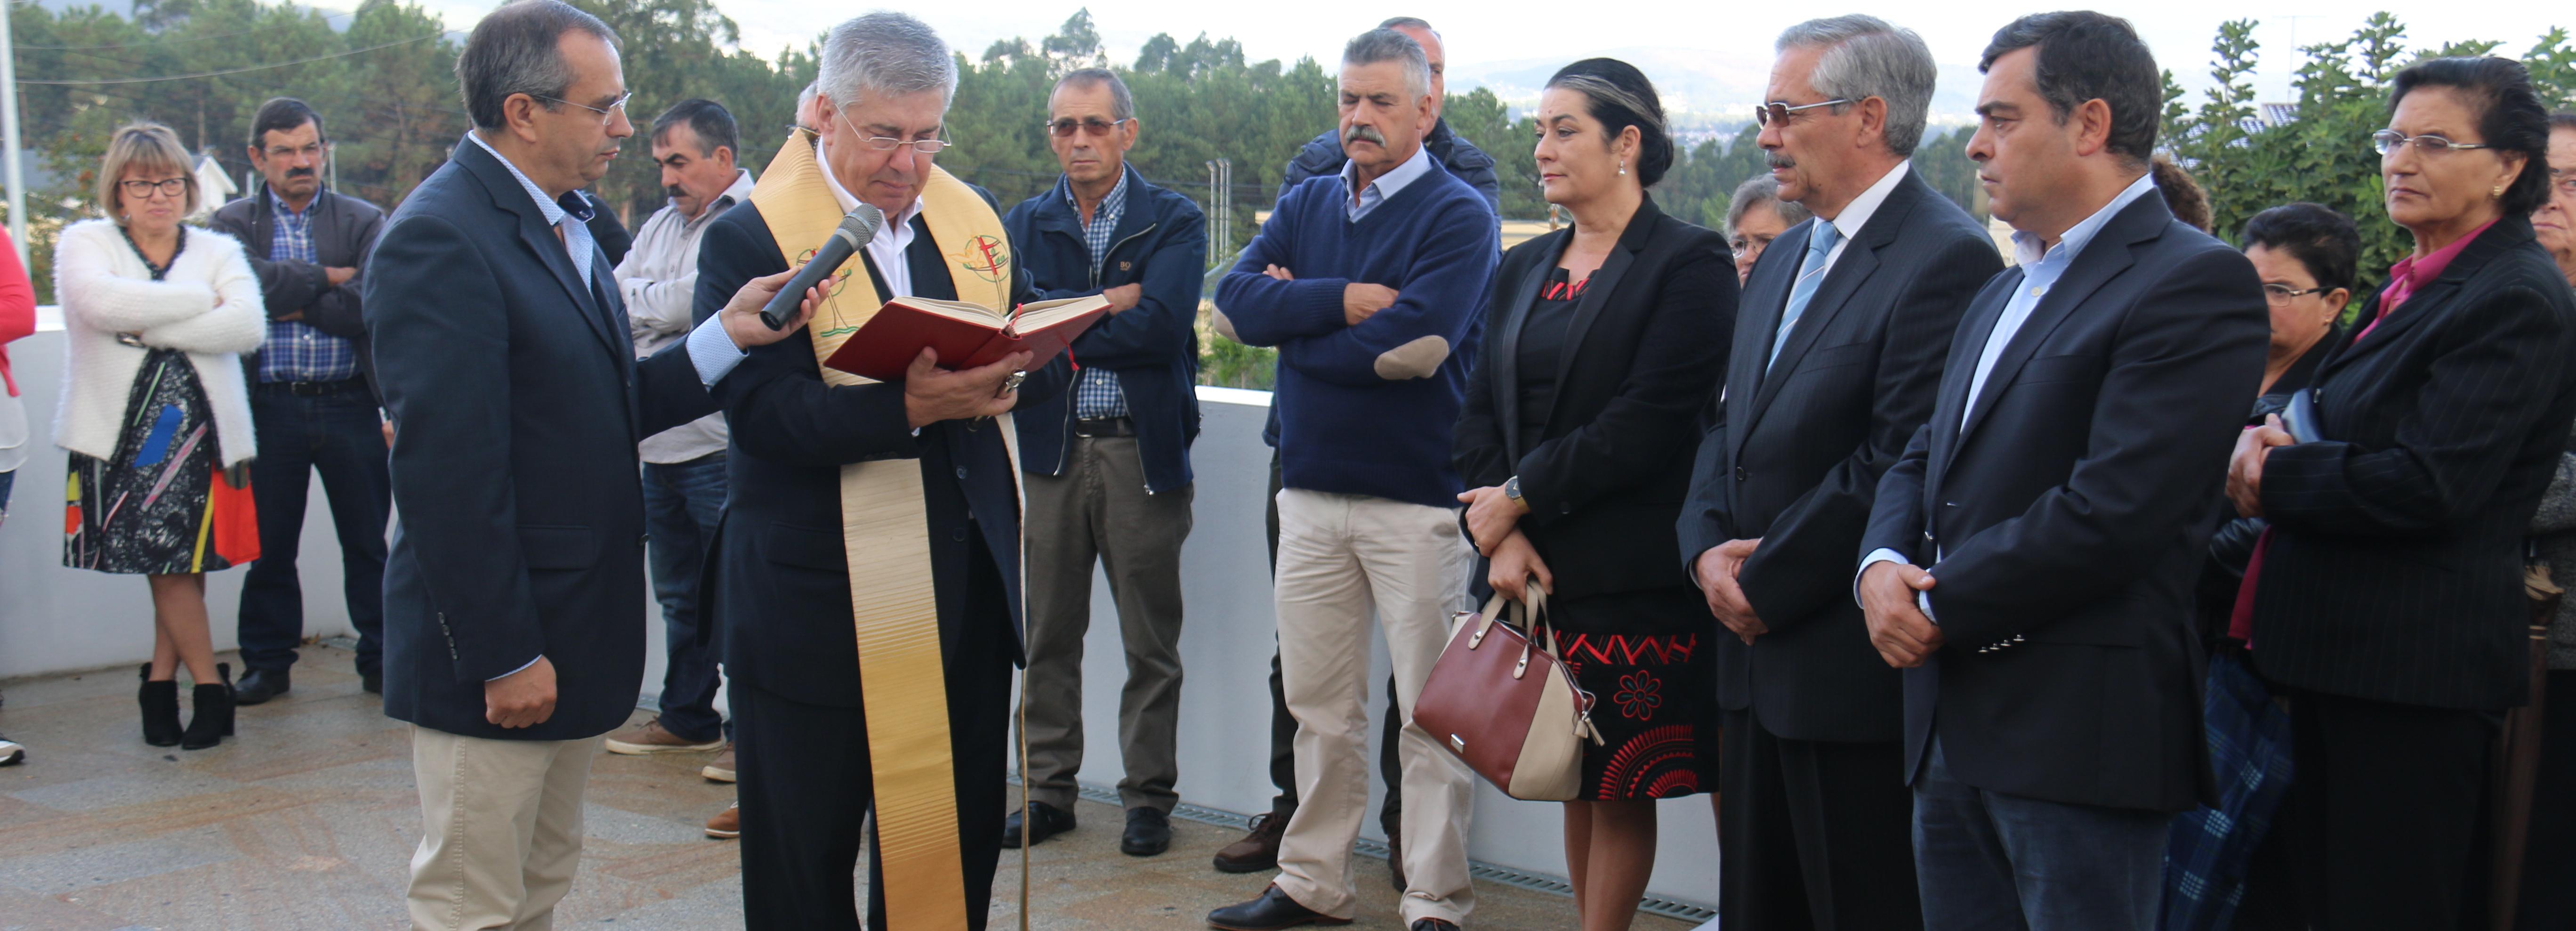 Rio Covo Sta Eugénia inaugura ampliação do cemitério